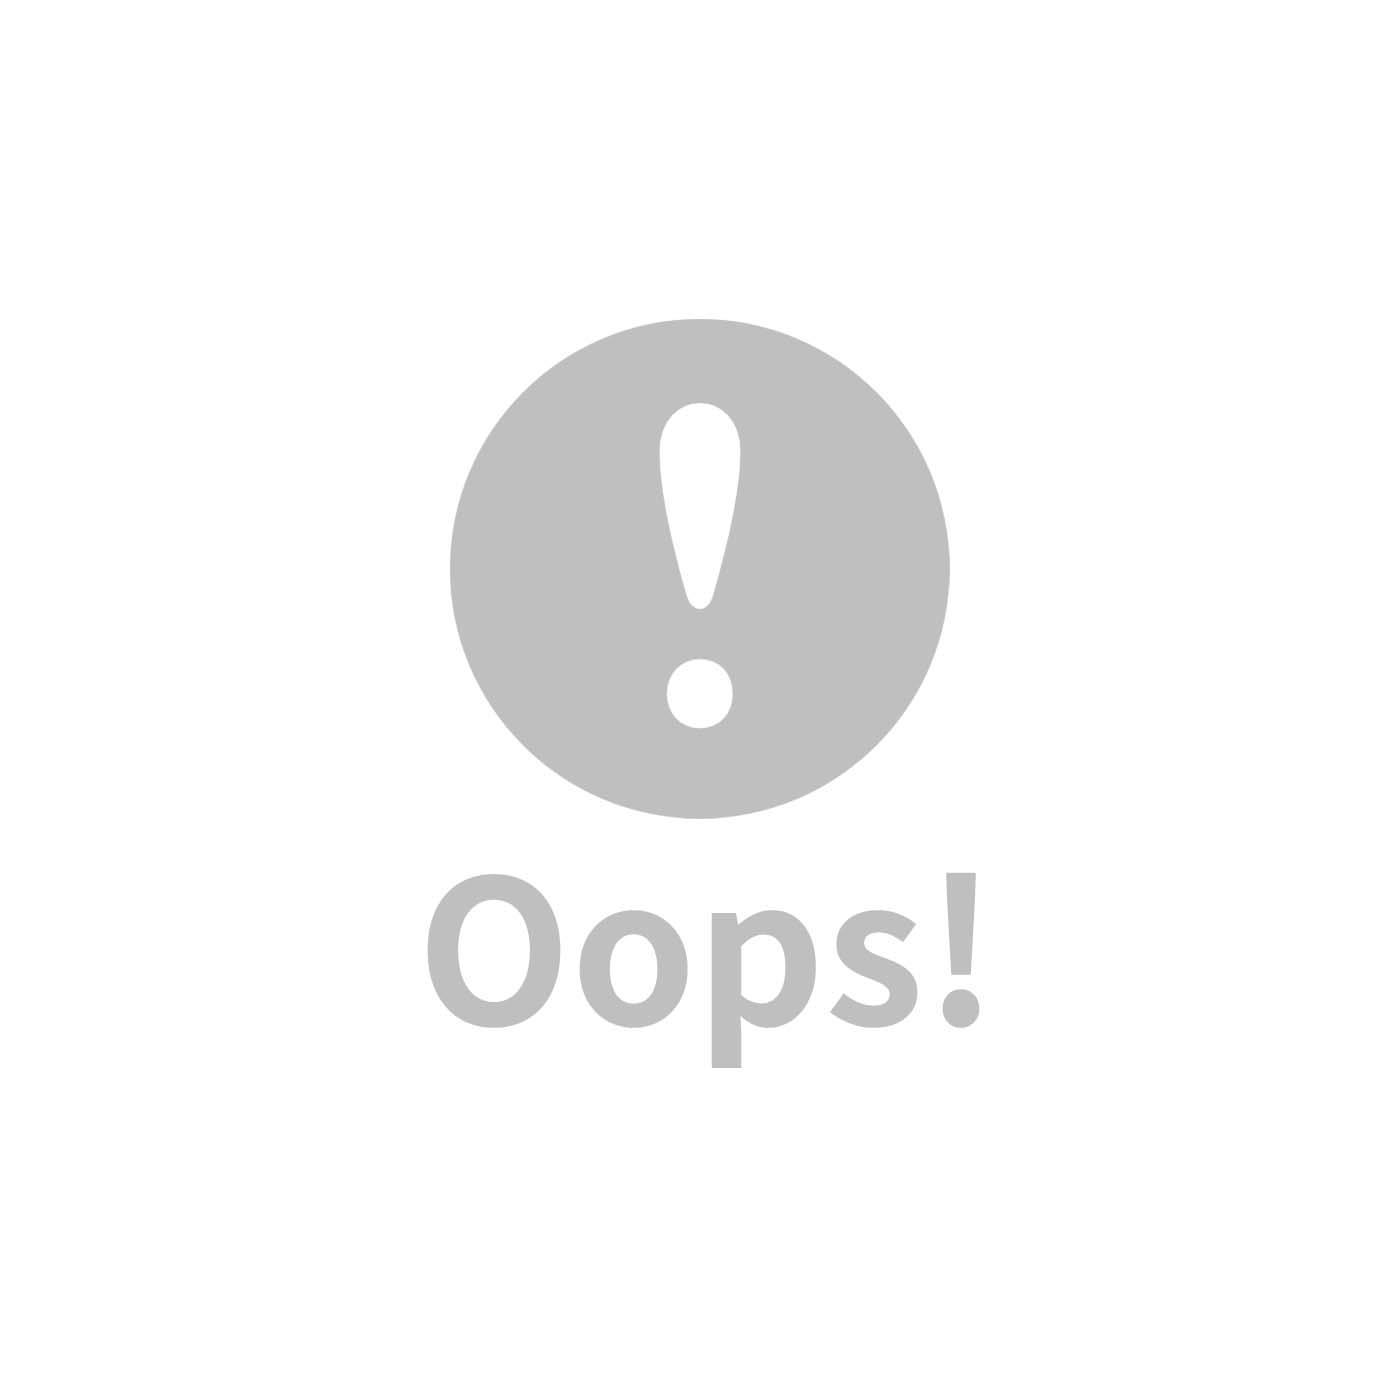 【含送禮提袋】Milo & Gabby 動物好朋友-超細纖維防蟎大枕心+枕套送禮組